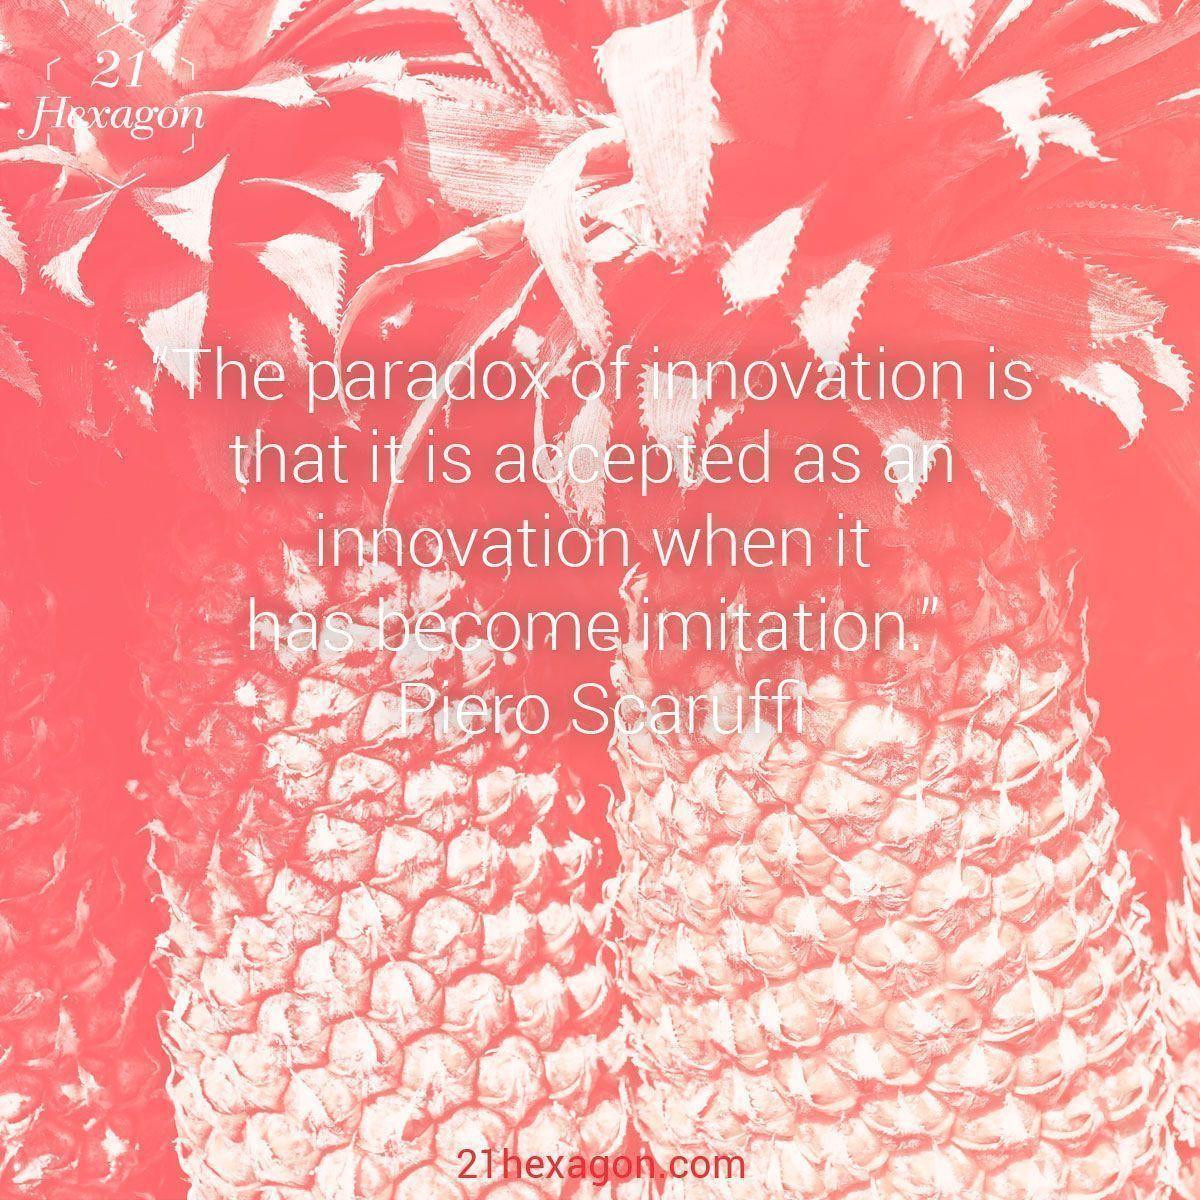 quotes_21hexagon_45.jpg